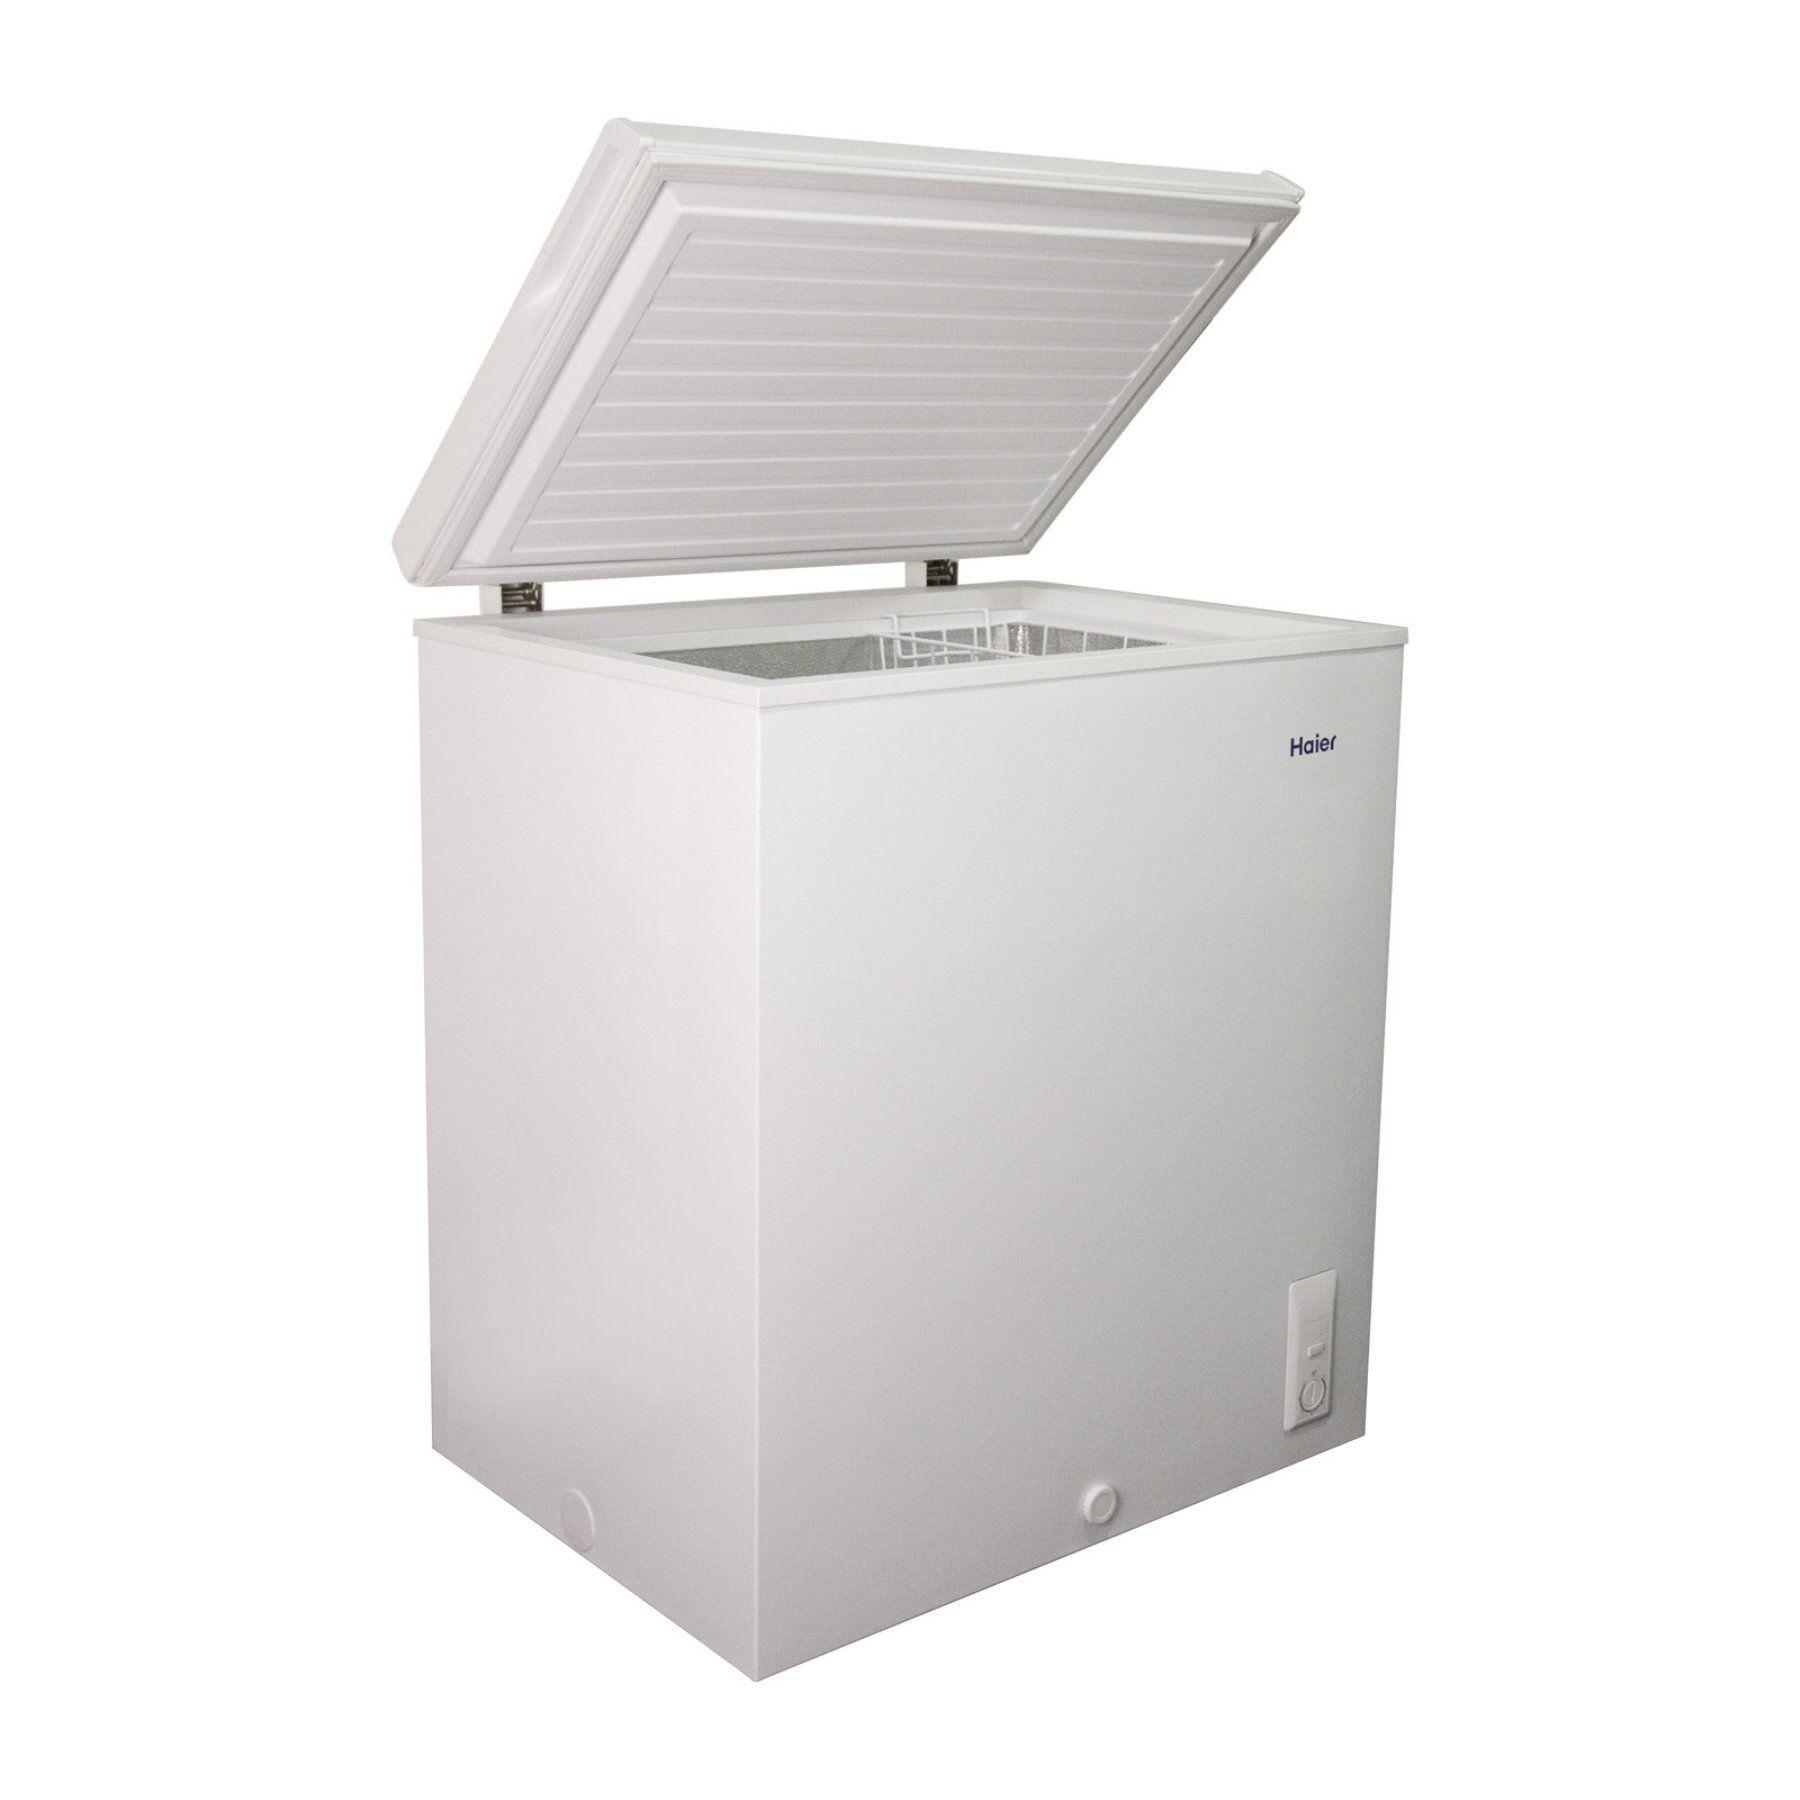 Haier Hf50cm23nw 5 0 Cu Ft Freezer Hf50cm23nw Chest